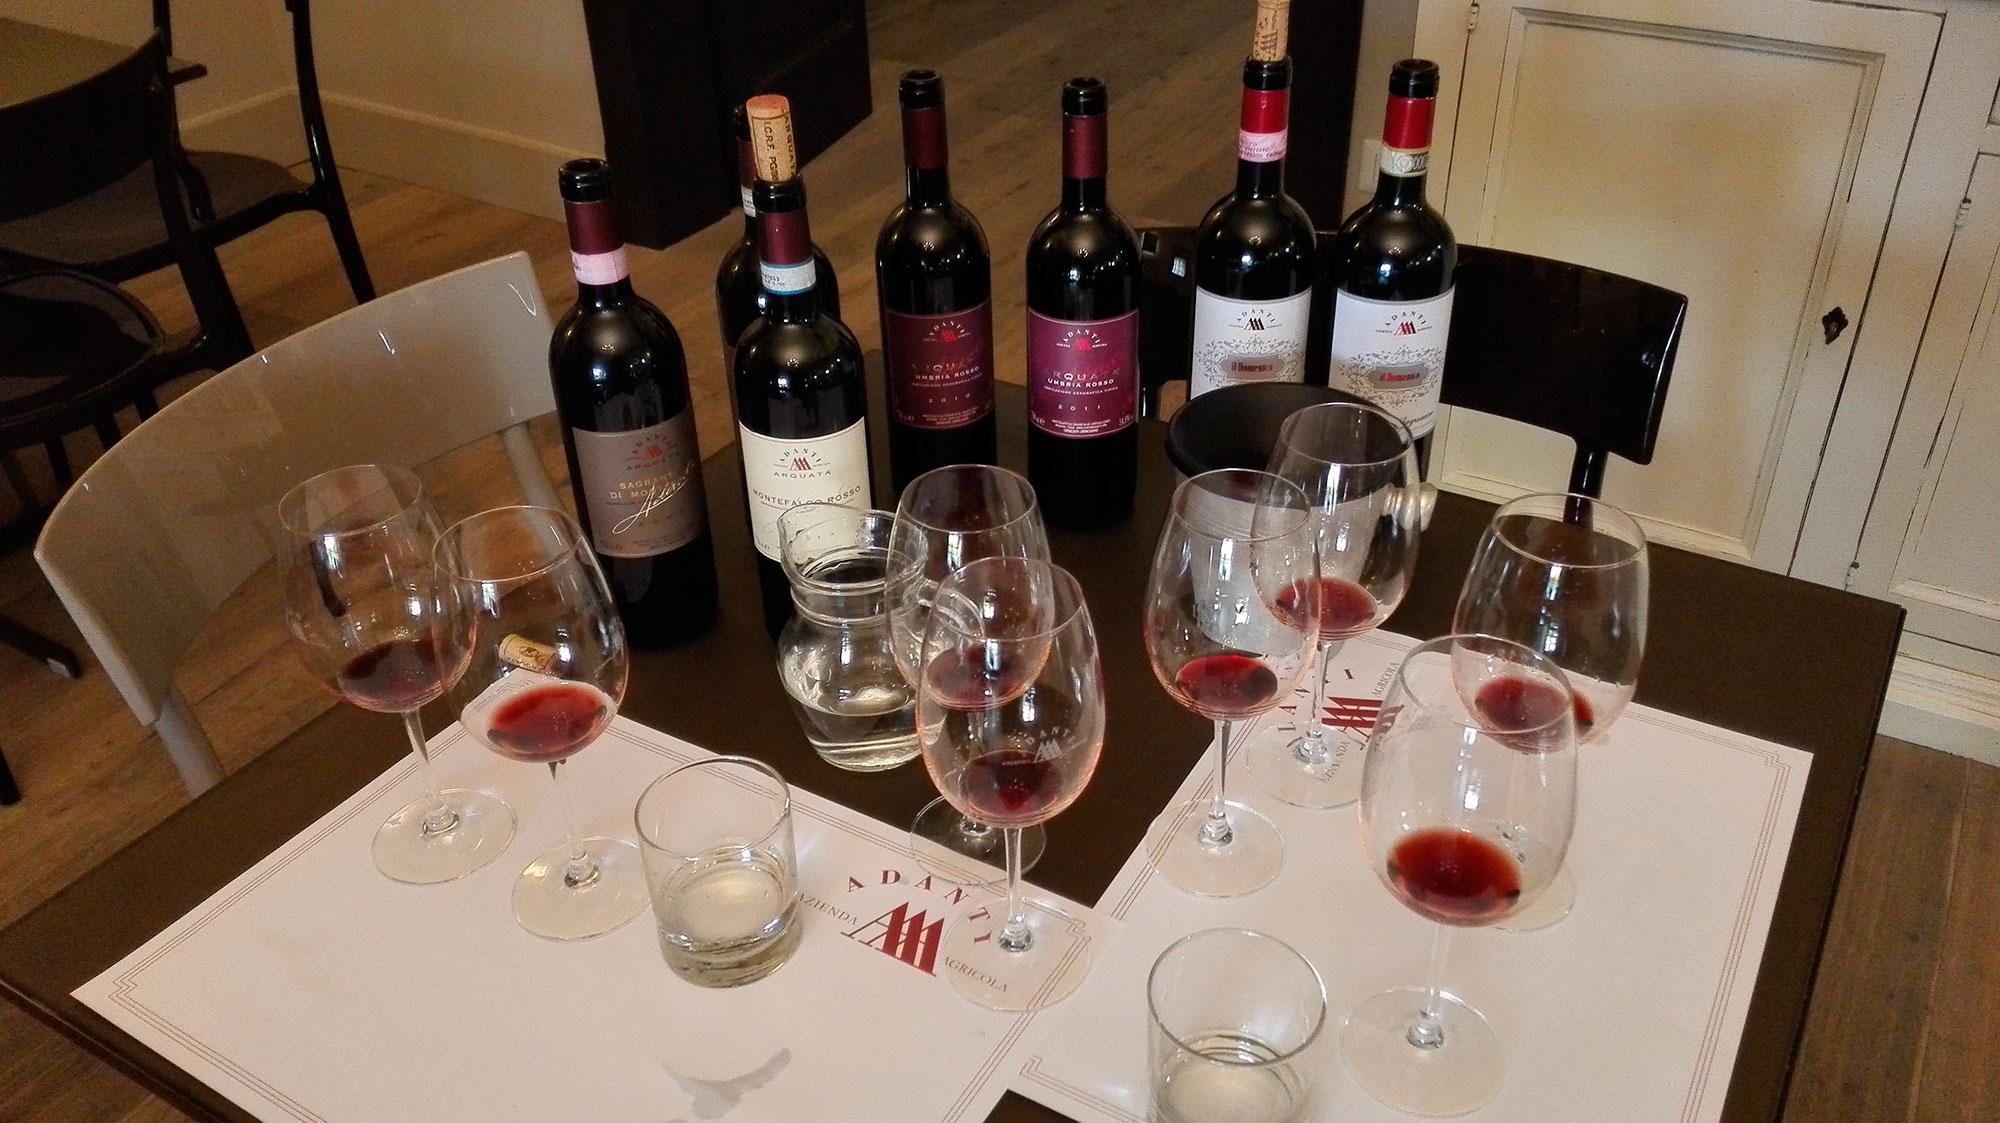 Montefalco wine tasting